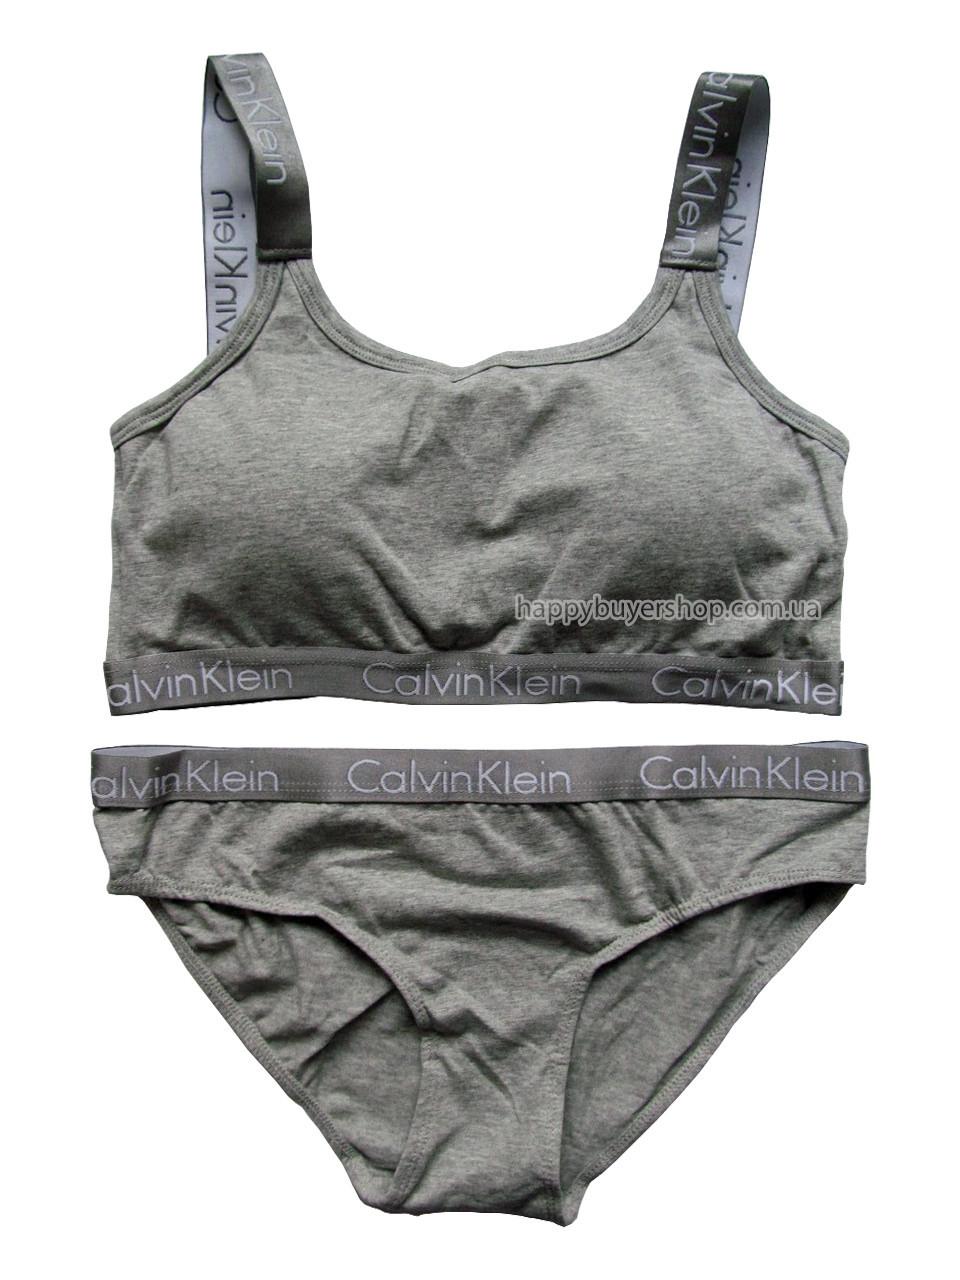 Комплект женского белья Кельвин Кляйн Radiant (реплика) слипы+топ с чашечками серый